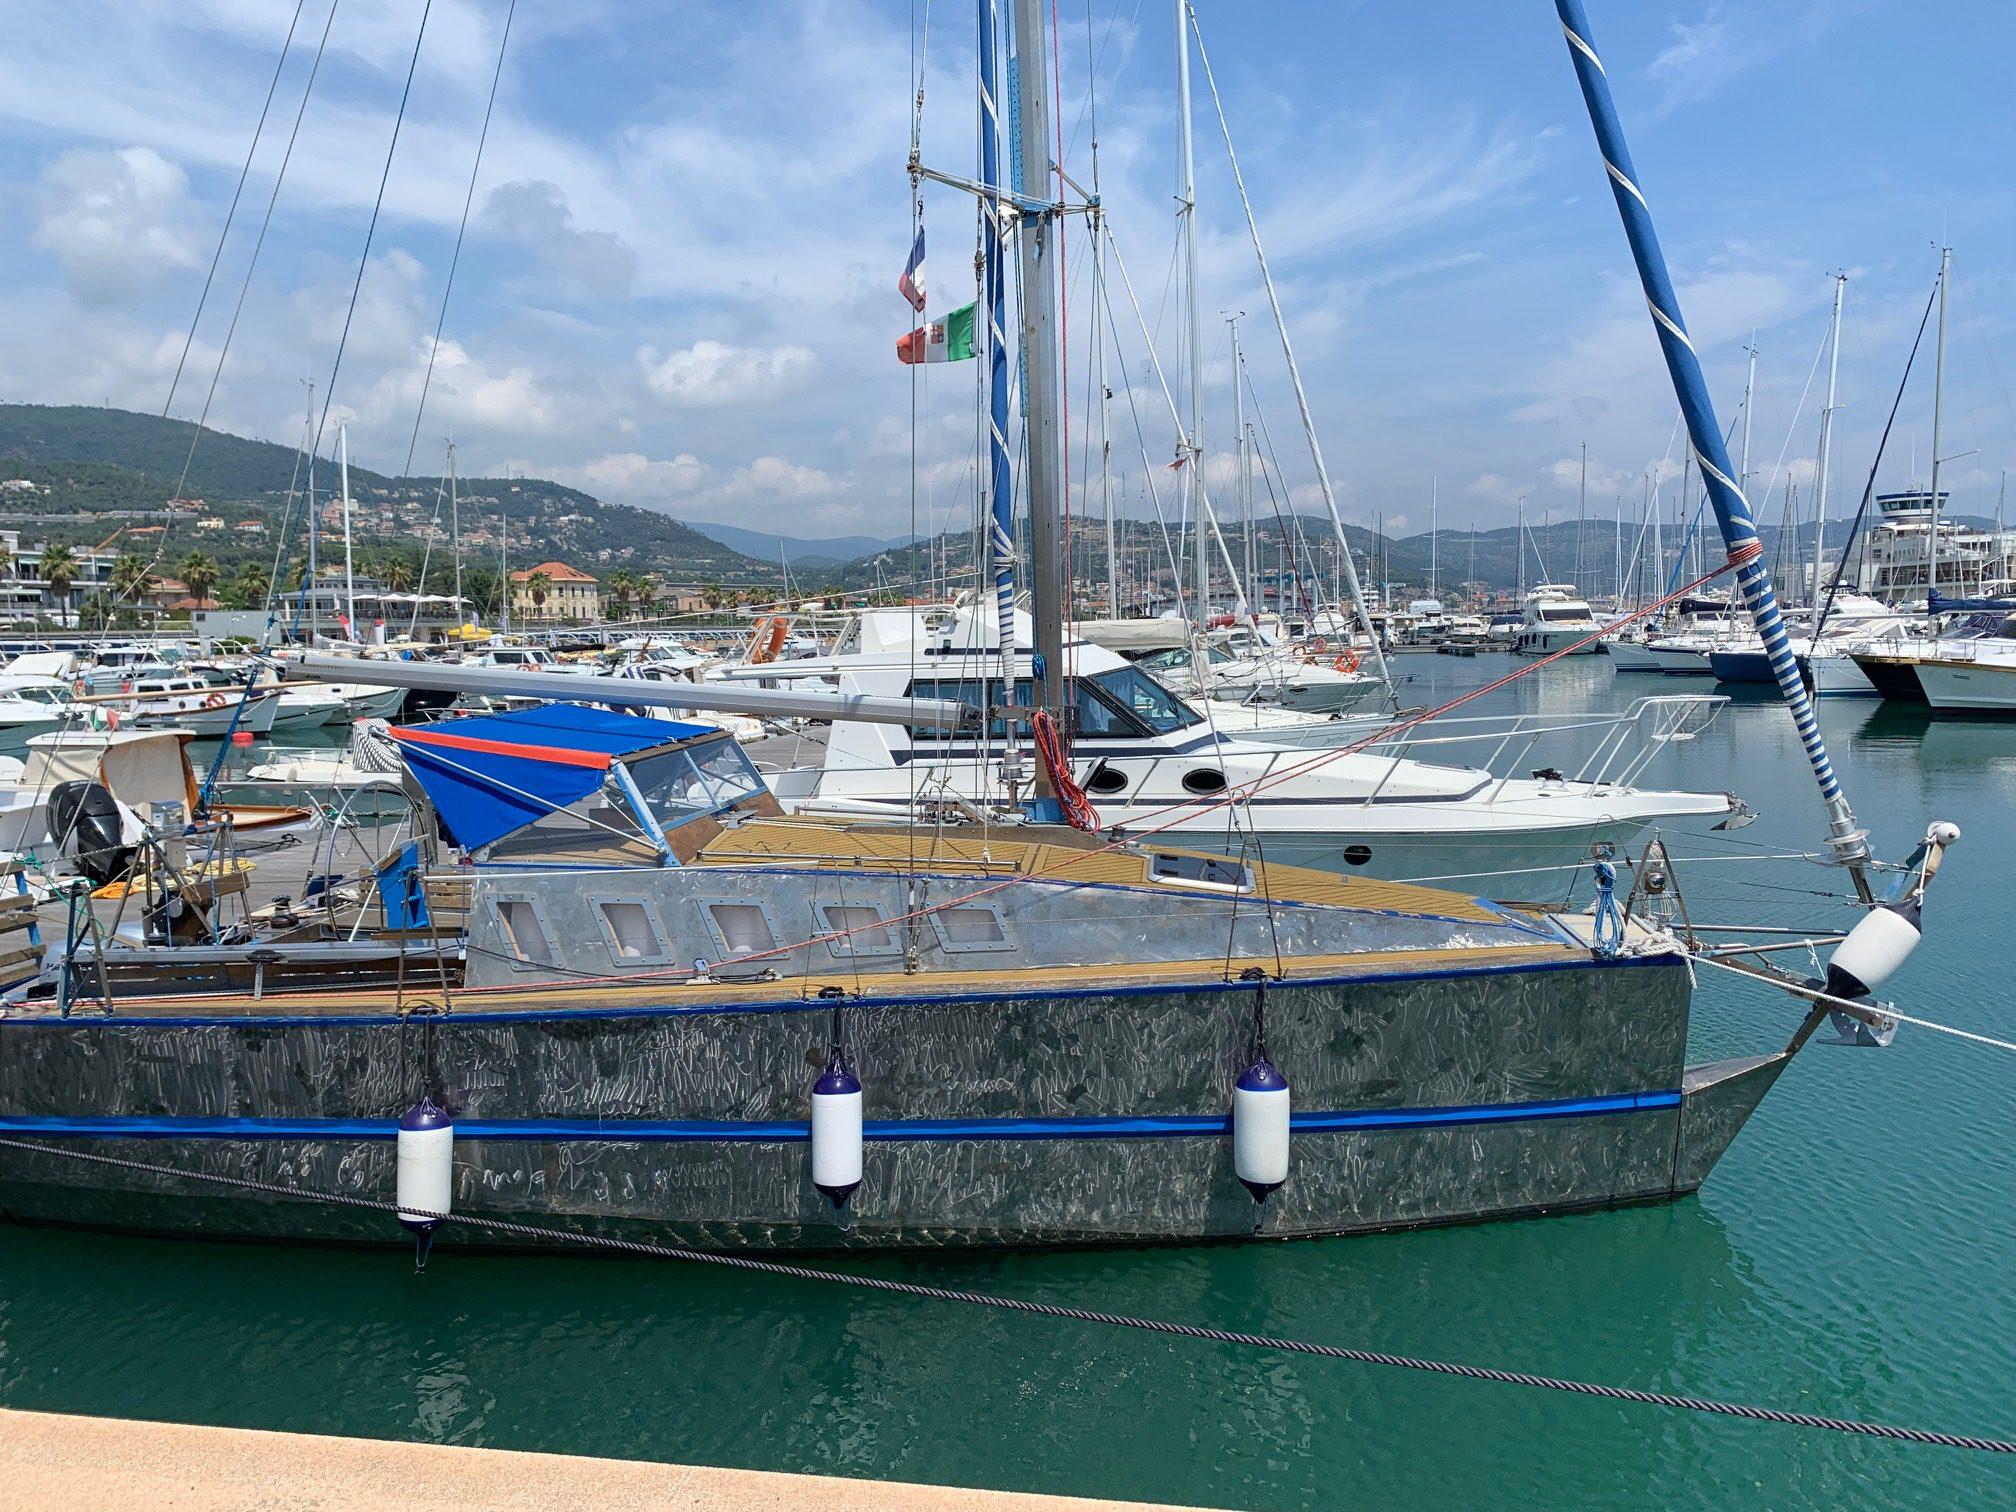 Parti Di Una Barca come costrursi un barca da soli